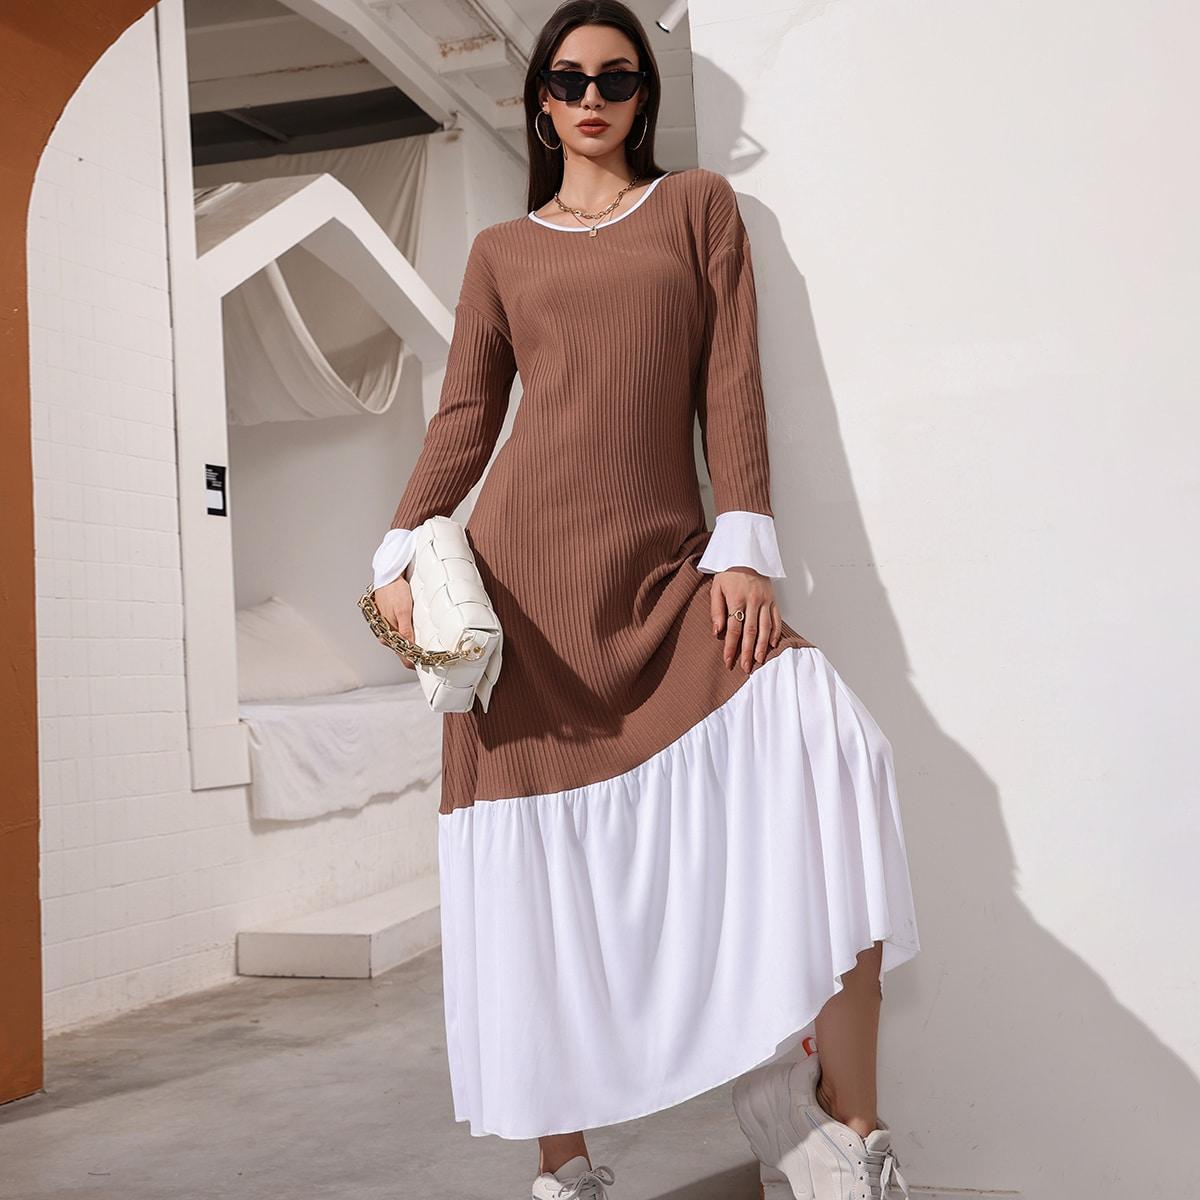 Платье с рукавами-воланами SheIn sW210617568615768